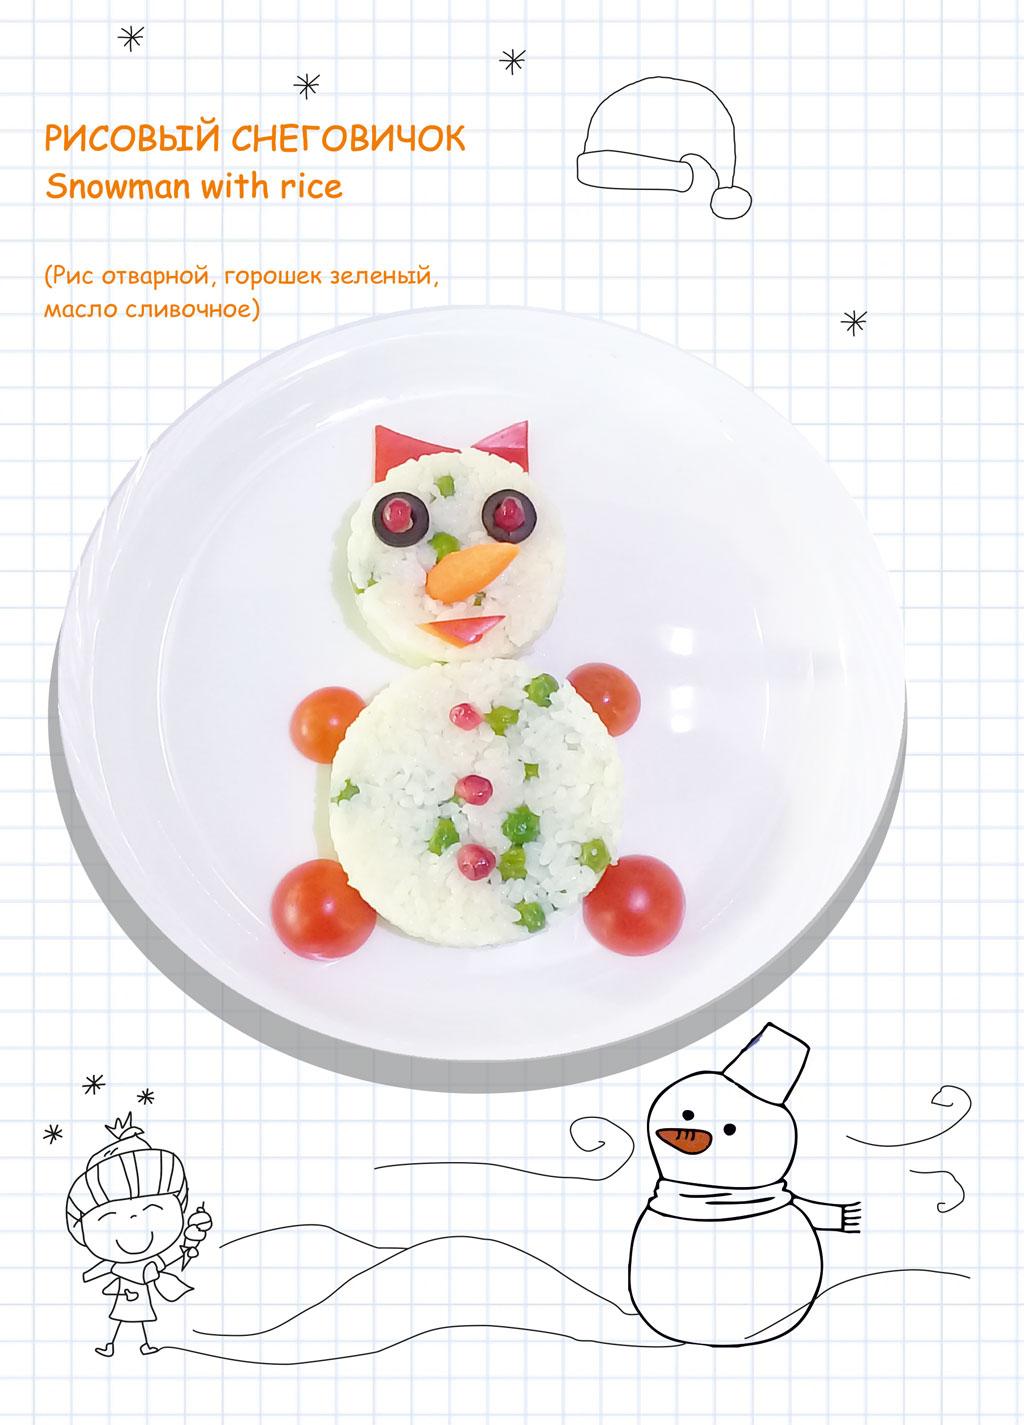 Рисовый снеговичок (Snowman with rice) в ресторане Аннам Брахма в Оренбурге